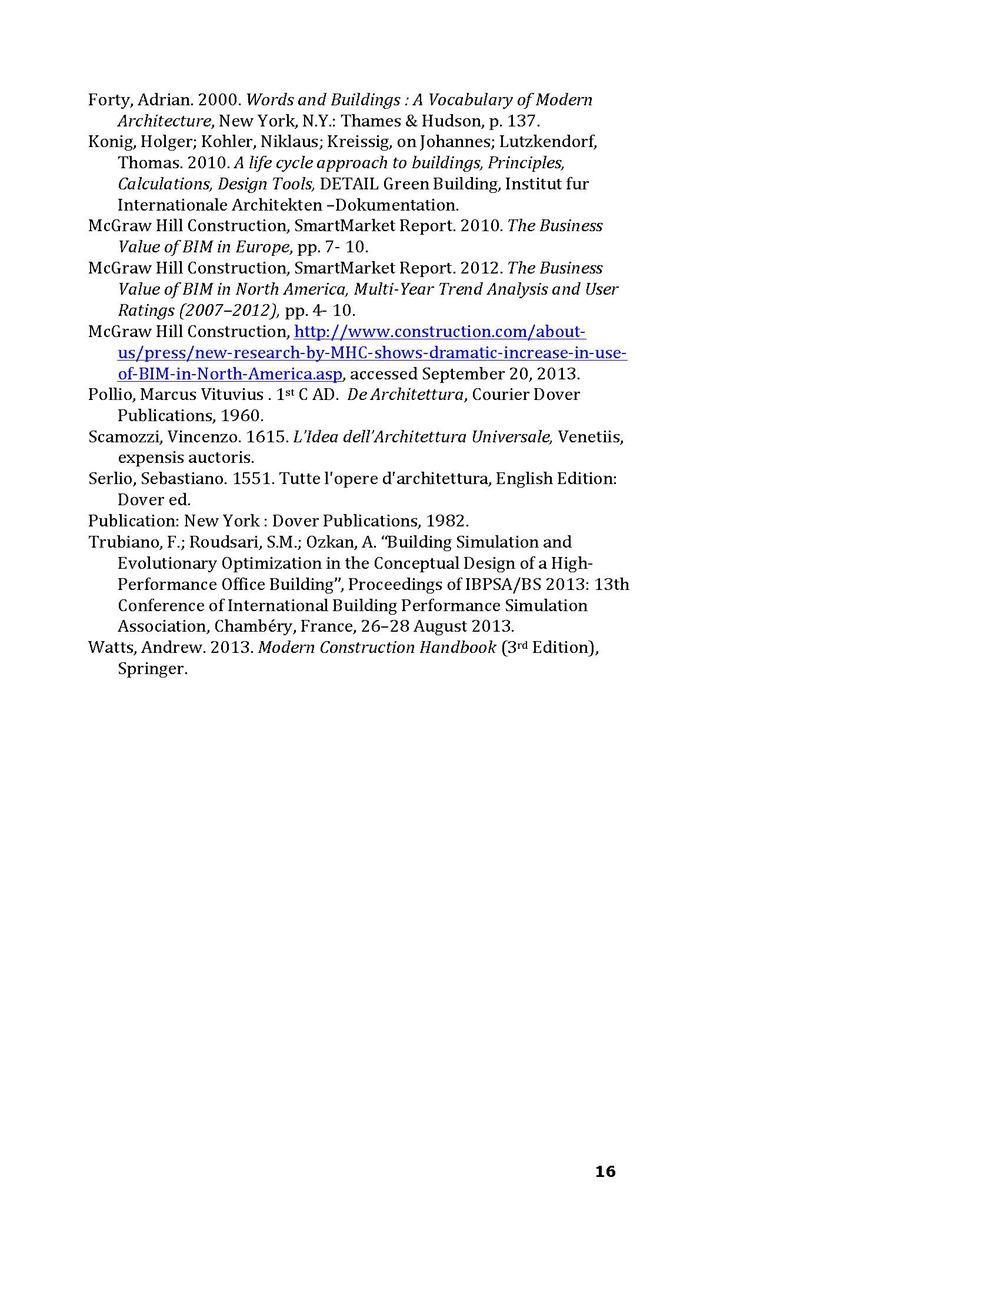 BIM.Kensek_Wiley_Page_16.jpg